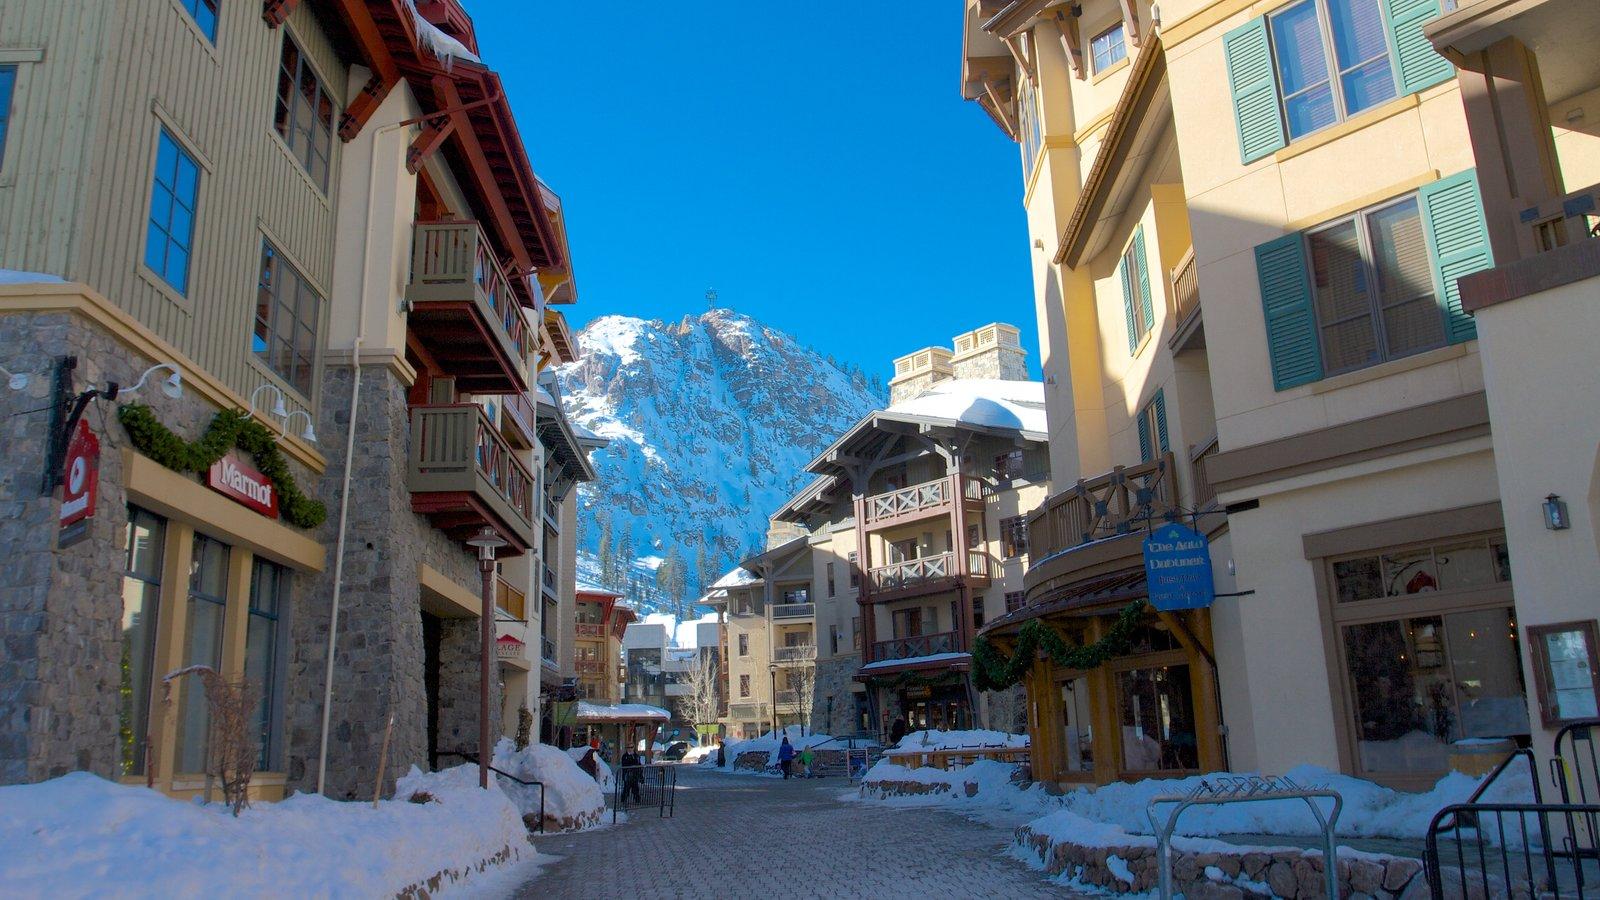 Squaw Valley Resort que incluye escenas urbanas, una ciudad y nieve